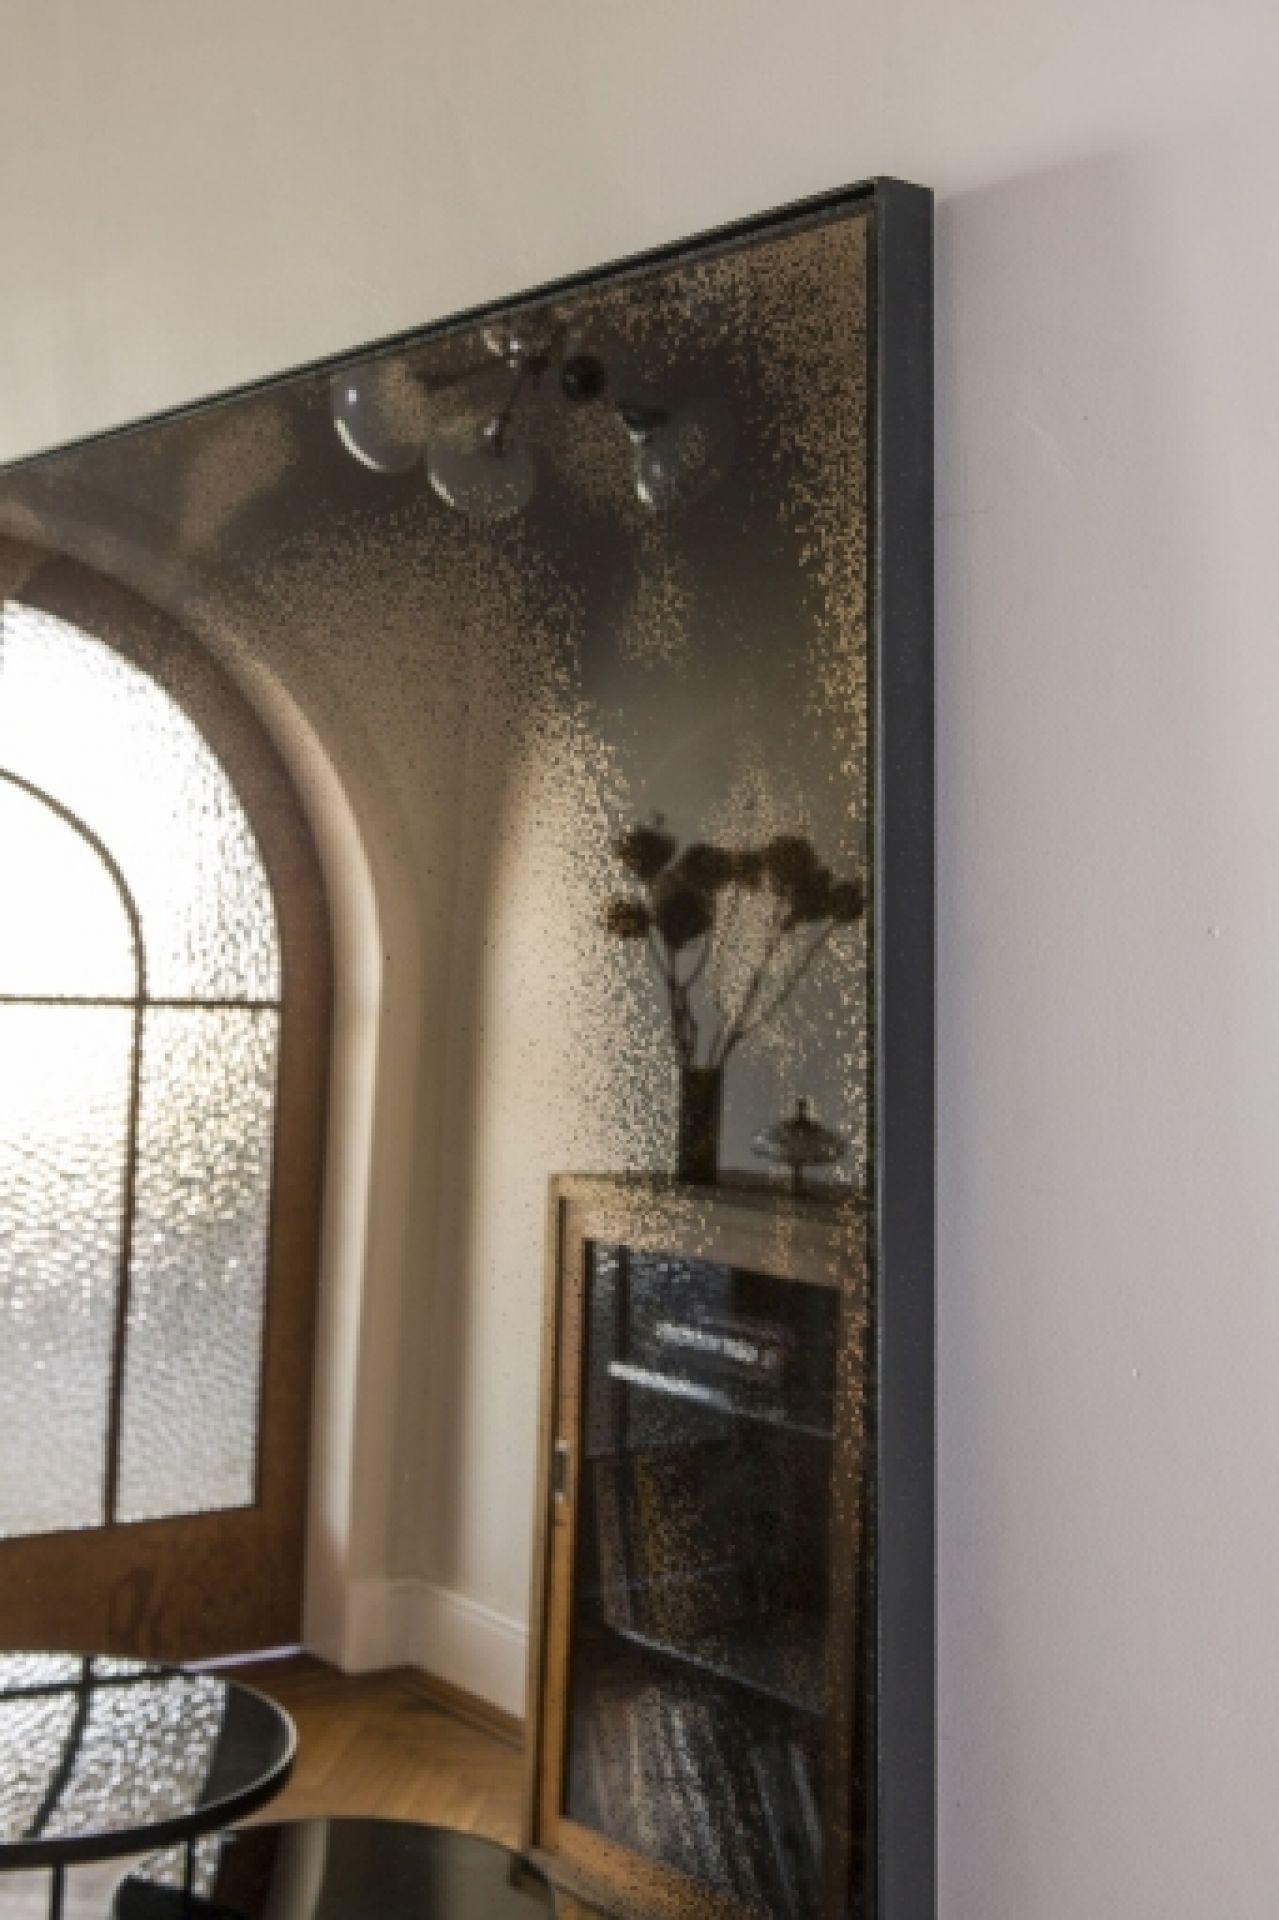 Bodenspiegel heavy aged bronze Ethnicraft